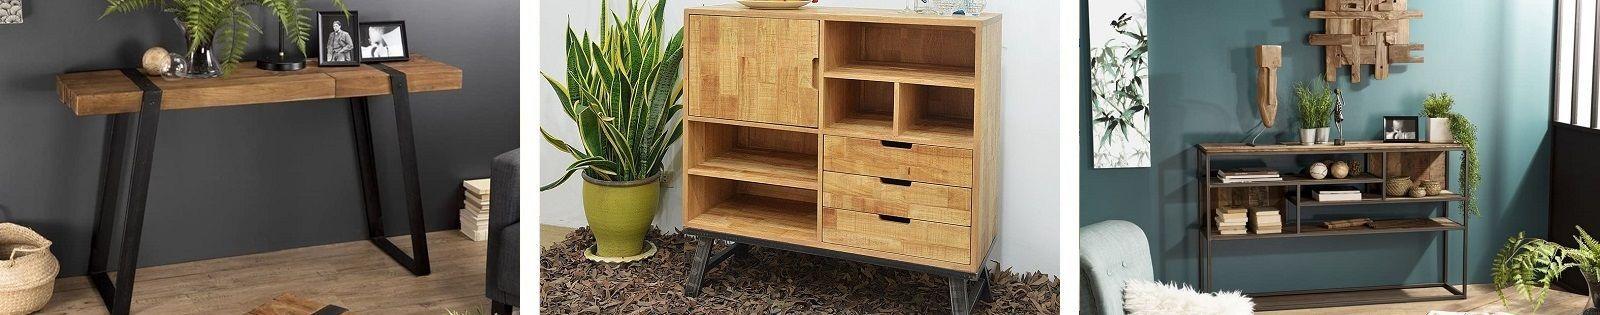 Console bois massif en teck, manguier, hevea, et exotique en bambou, rotin, fer forgé. Lotuséa